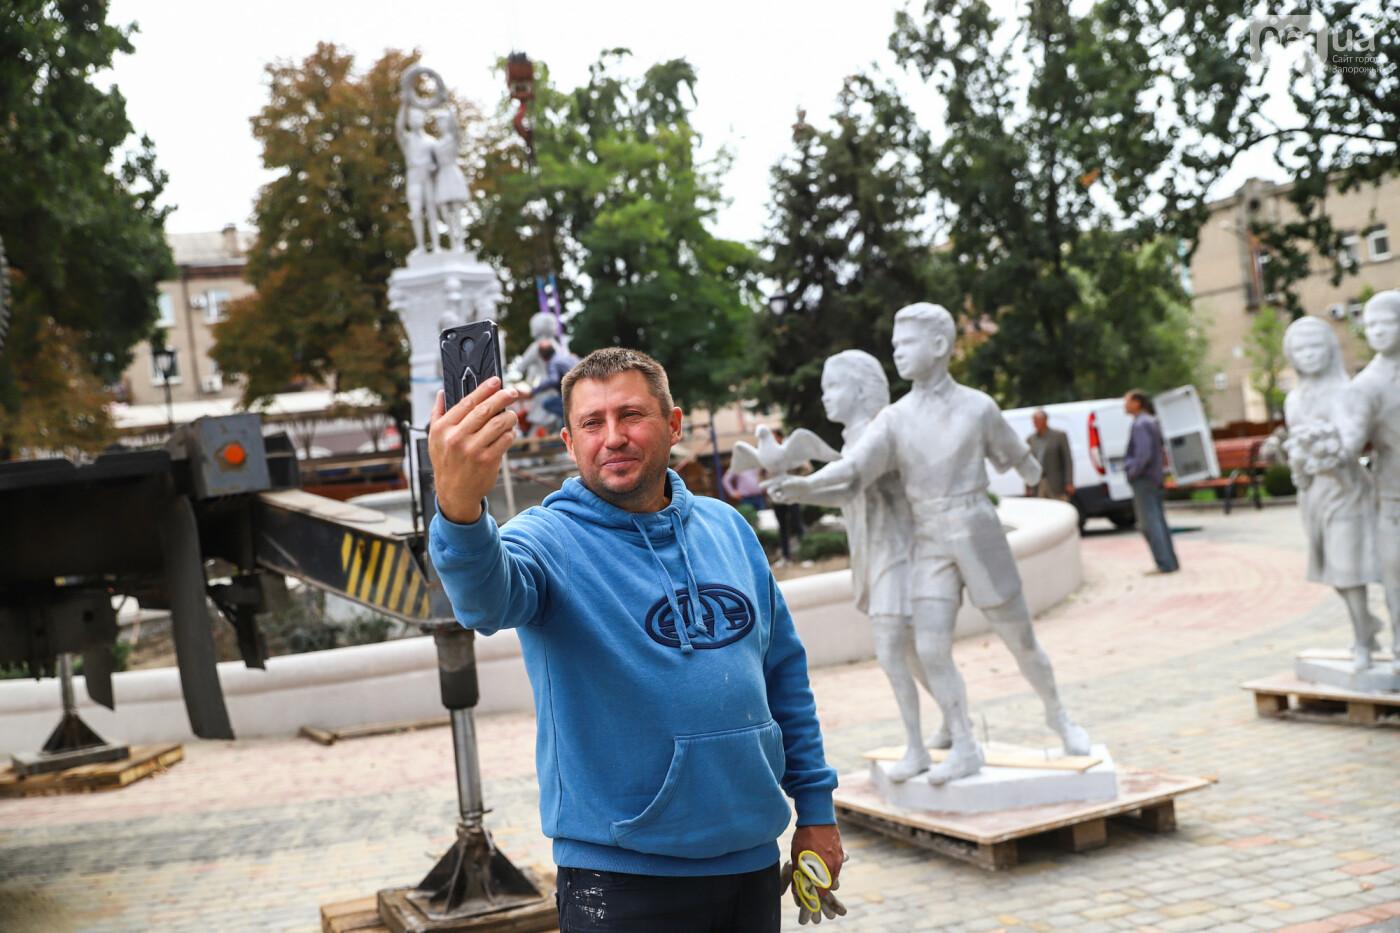 ЛГБТ-прайд, эко-митинг и восстановленные скульптуры в сквере Пионеров: сентябрь в фотографиях , фото-133